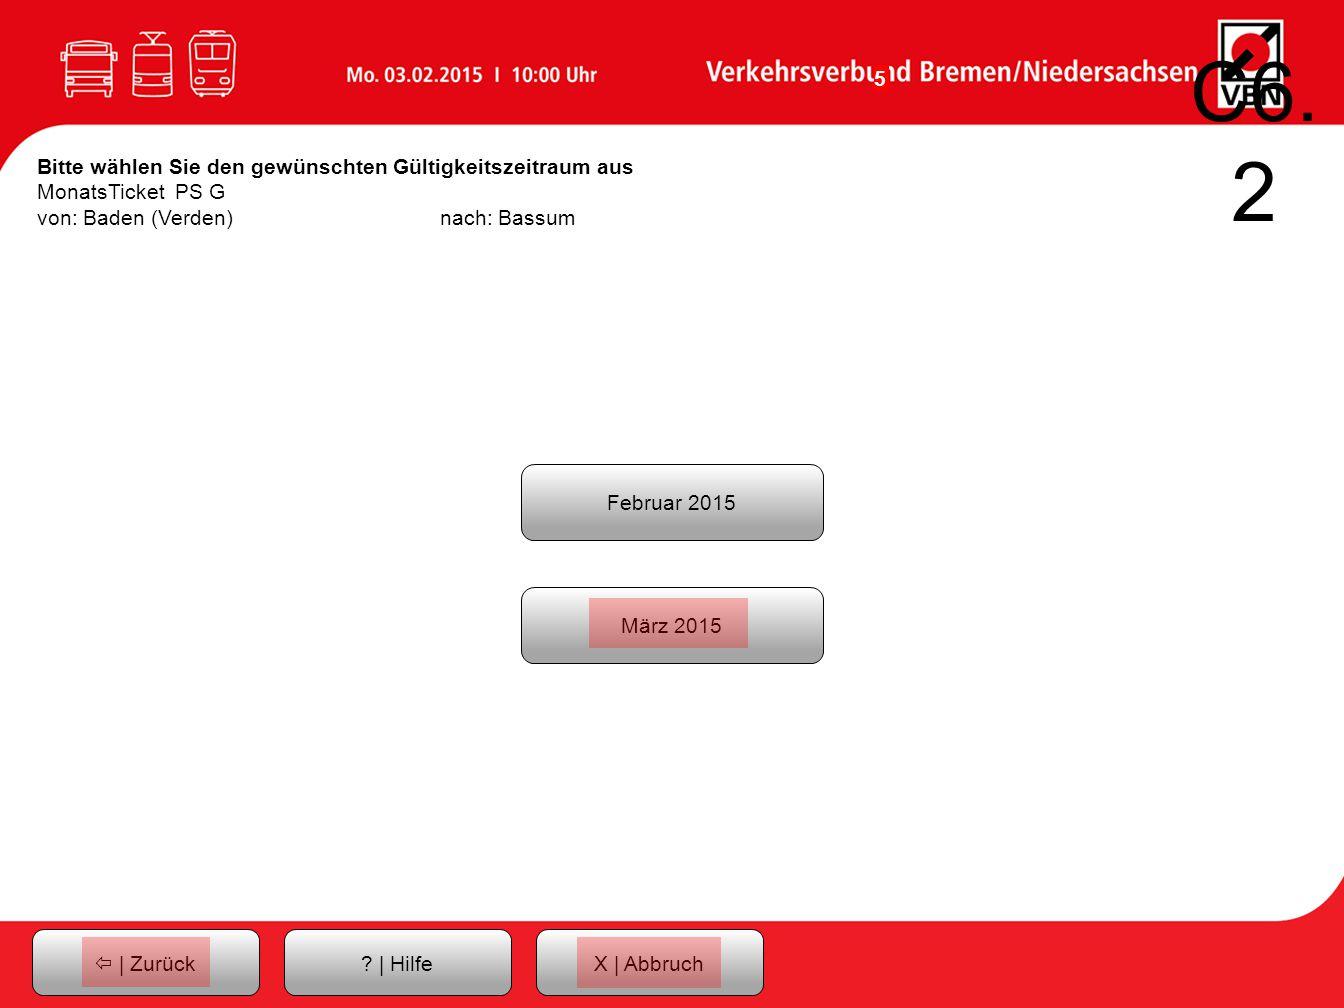 C6.2 Bitte wählen Sie den gewünschten Gültigkeitszeitraum aus MonatsTicket PS G. von: Baden (Verden) nach: Bassum.